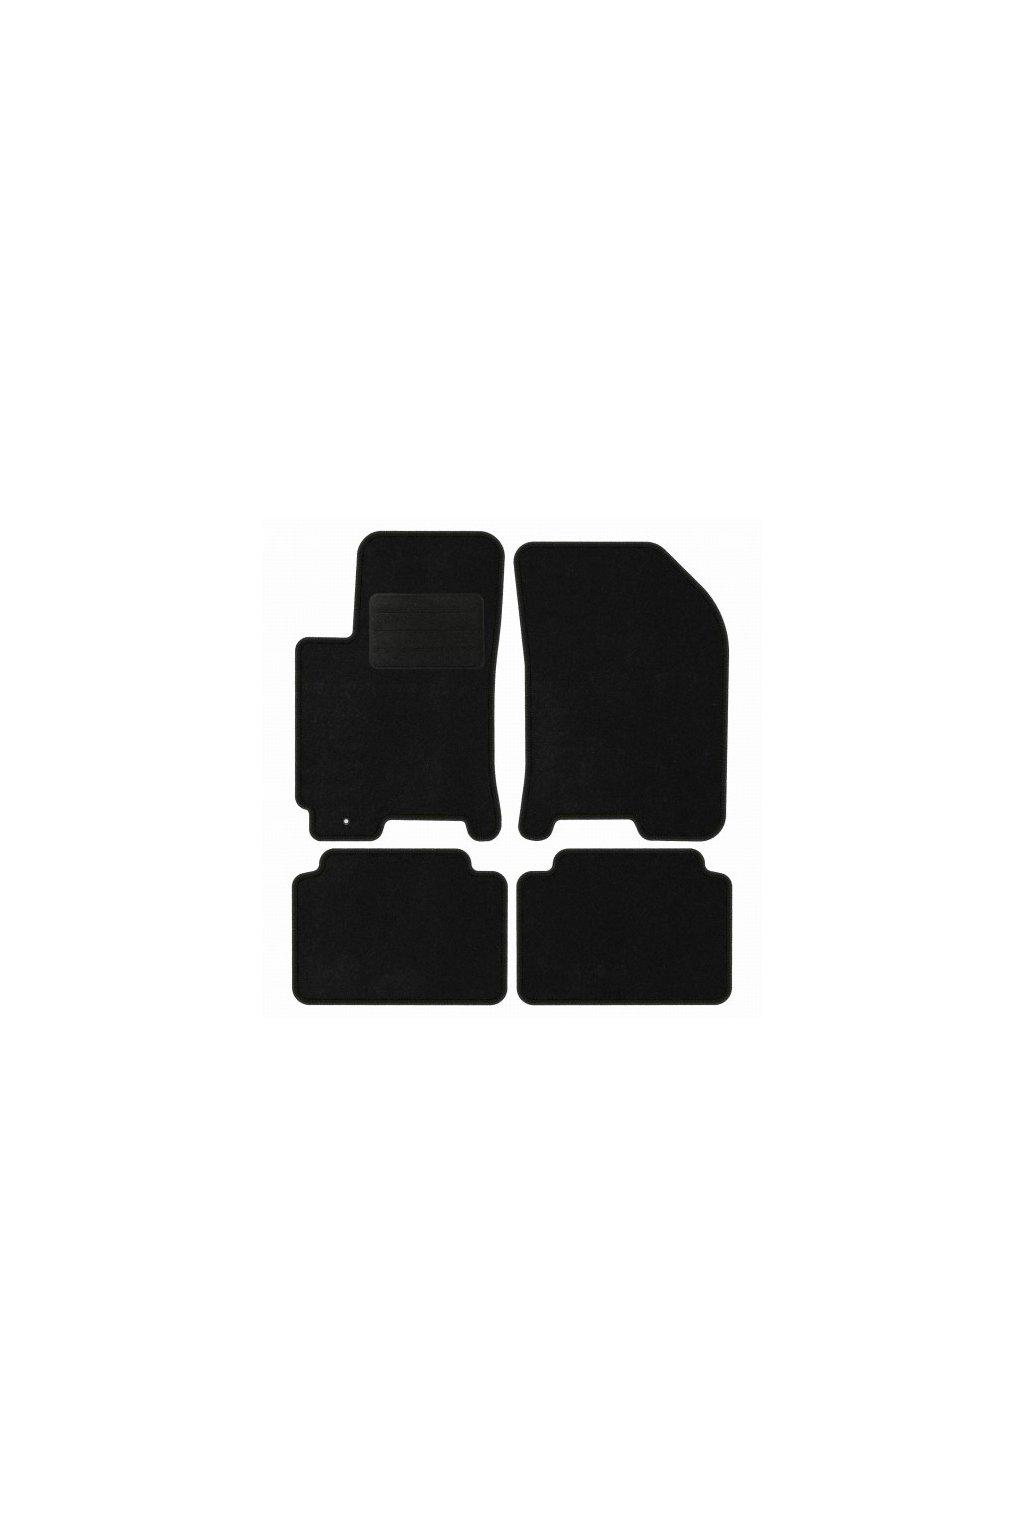 Koberce textilni ACR CHEVROLET Nubira 2004-2010 černá